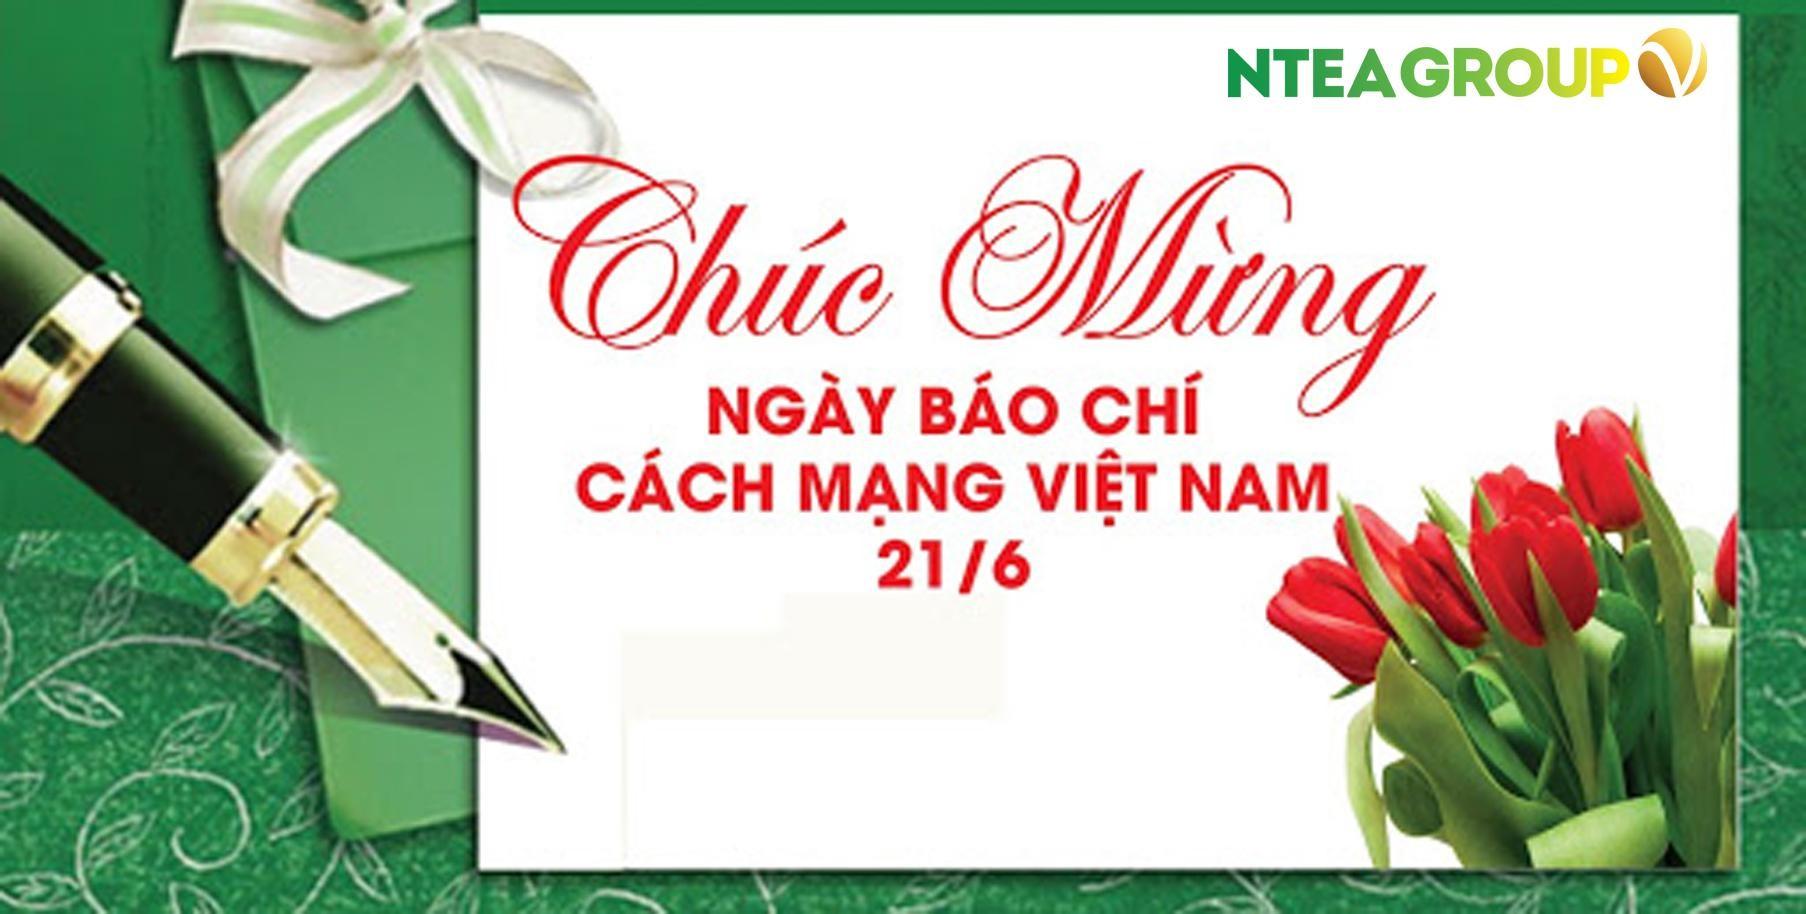 Ntea Group Tham Dự Lễ Kỷ Niệm 95 Năm Ngày Báo Chí Cách Mạng Việt Nam và GaLa Báo Chí Đồng Hành Cùng Doanh Nghiệp Lần Thứ V - 2020